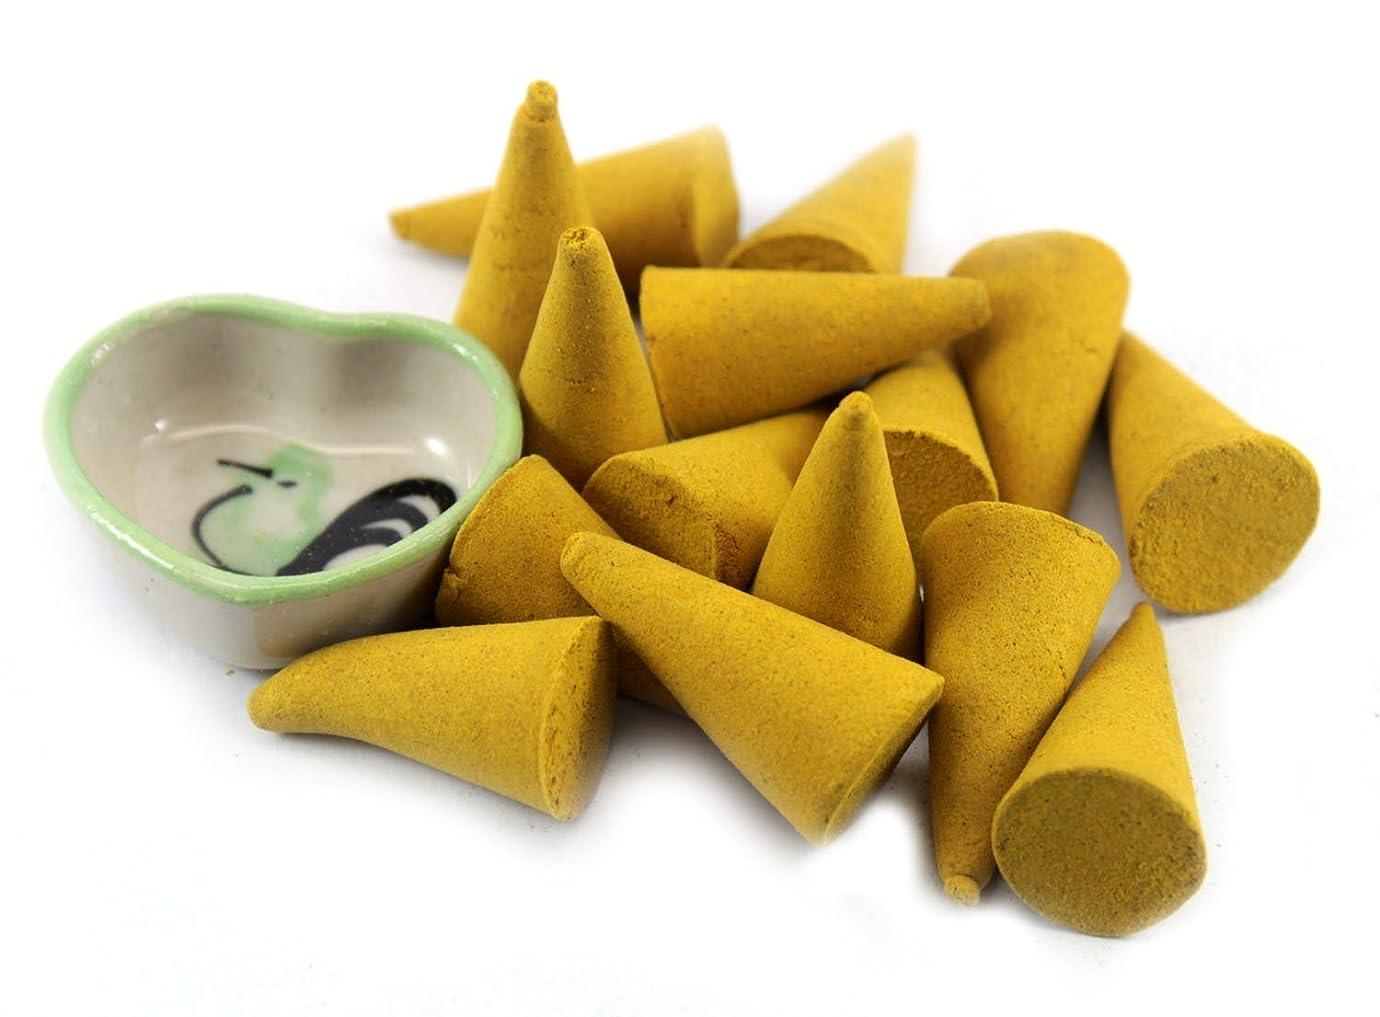 絶壁傾向がある同一性ChampakaフローラルIncense Cones with Burnerホルダー100ピースパックThaiEnjoy製品